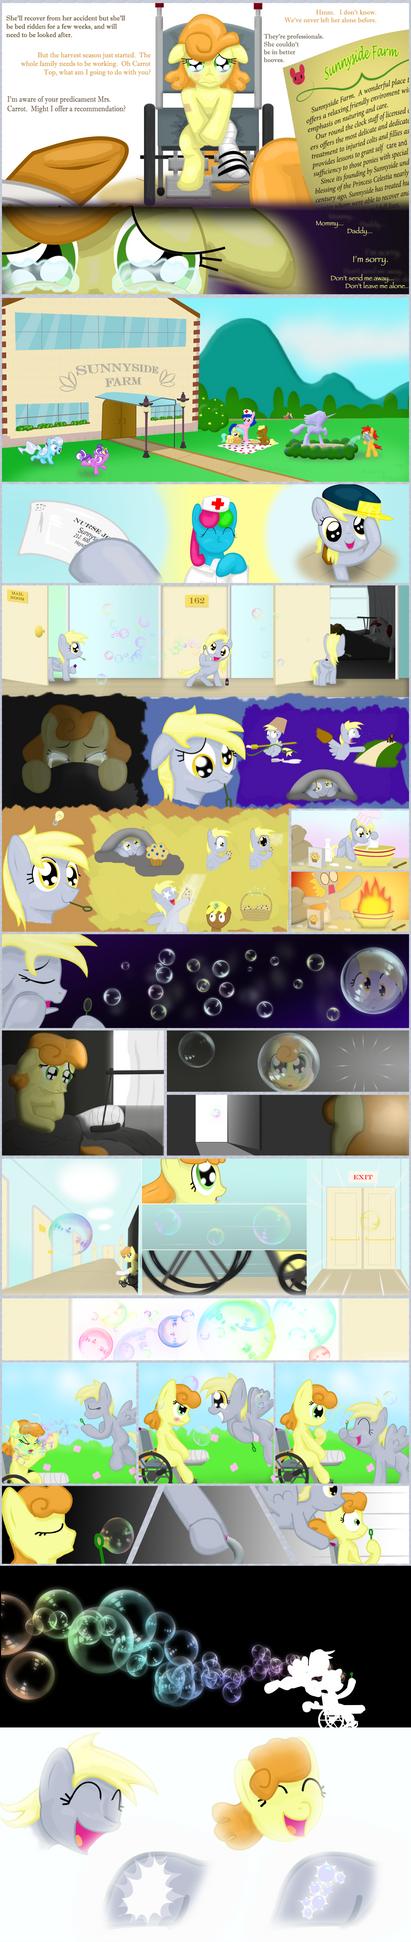 Derpy's Cutie Mark Story by ShwiggityShwah